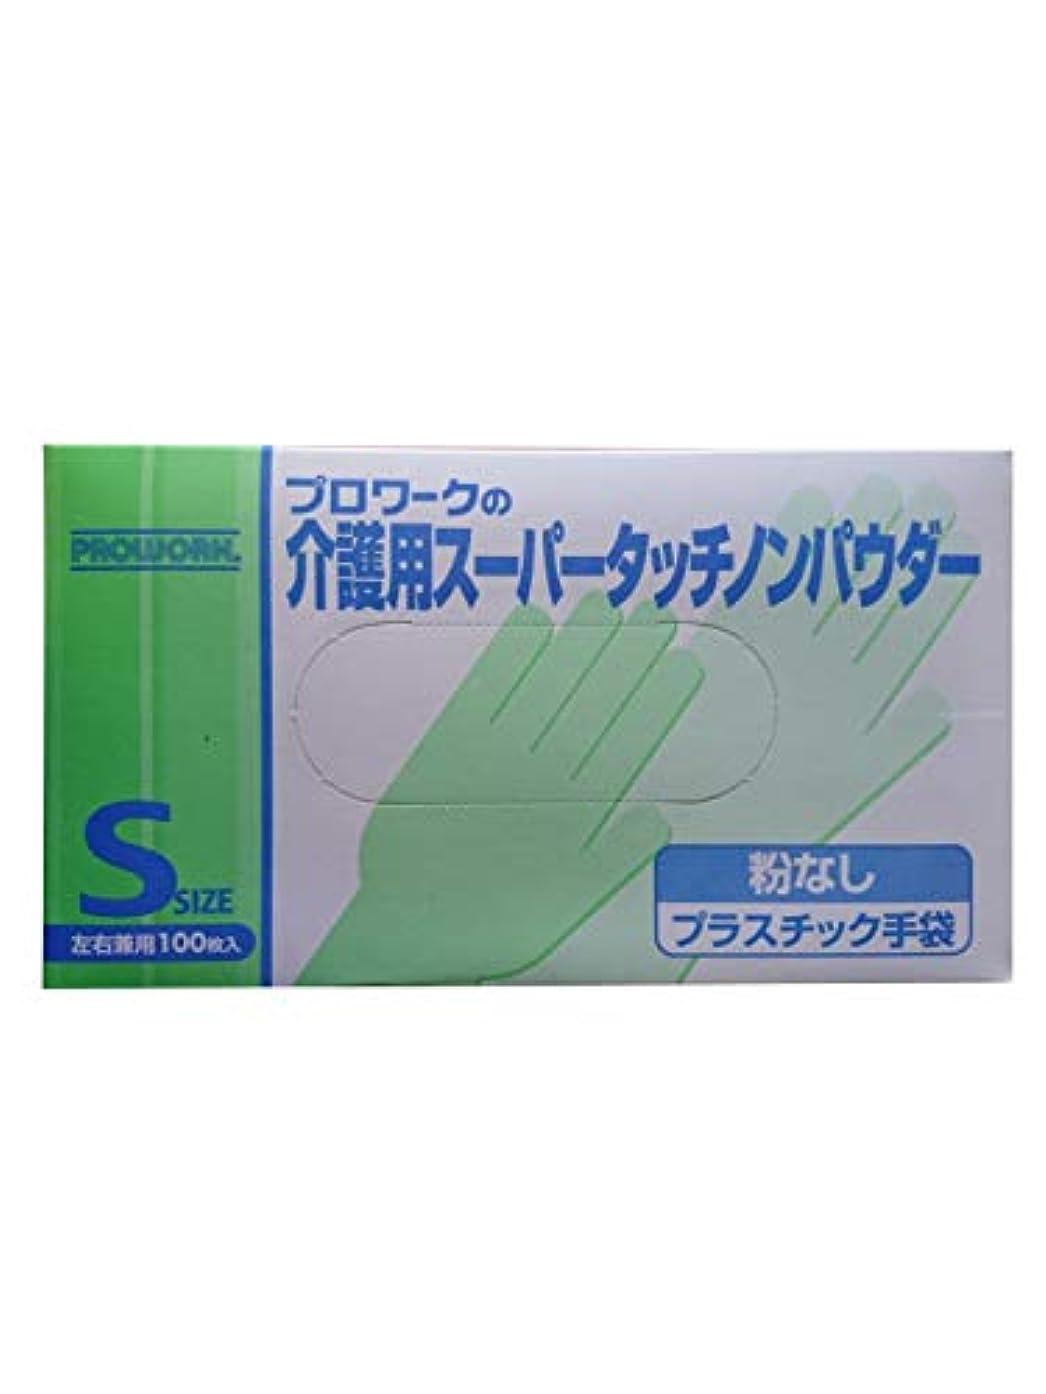 資源素朴な前述の介護用スーパータッチノンパウダー プラスチック手袋 粉なし Sサイズ 左右兼用100枚入